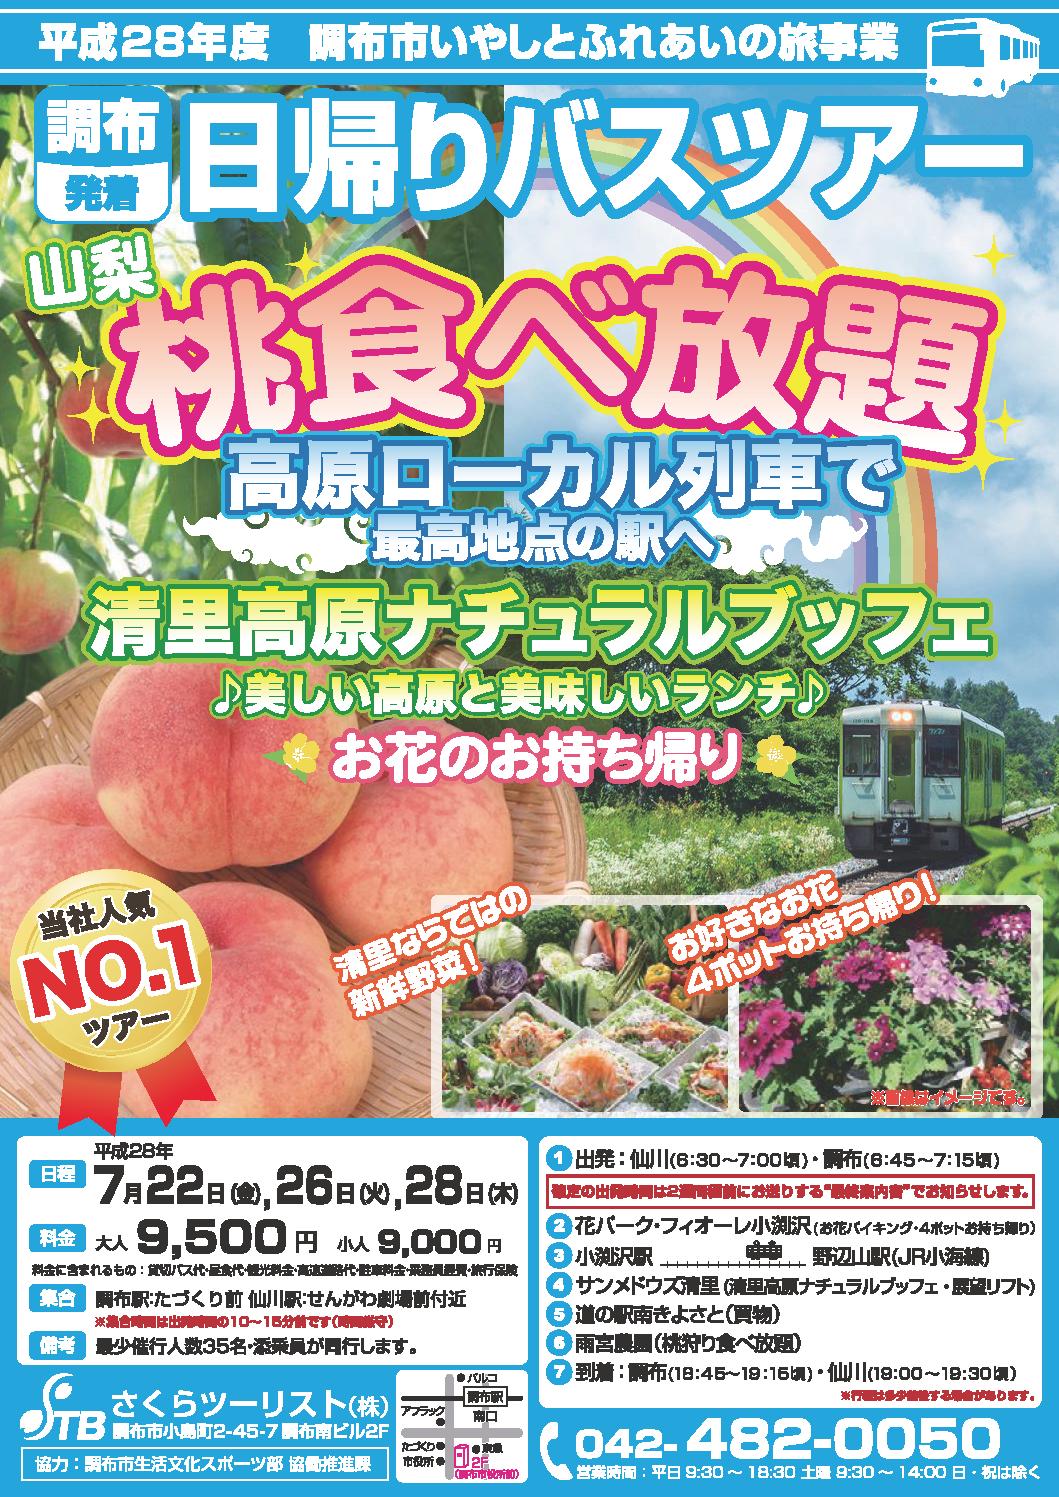 山梨桃食べ放題・高原ローカル列車で最高地点の駅へ・清里高原ナチュラルブッフェ